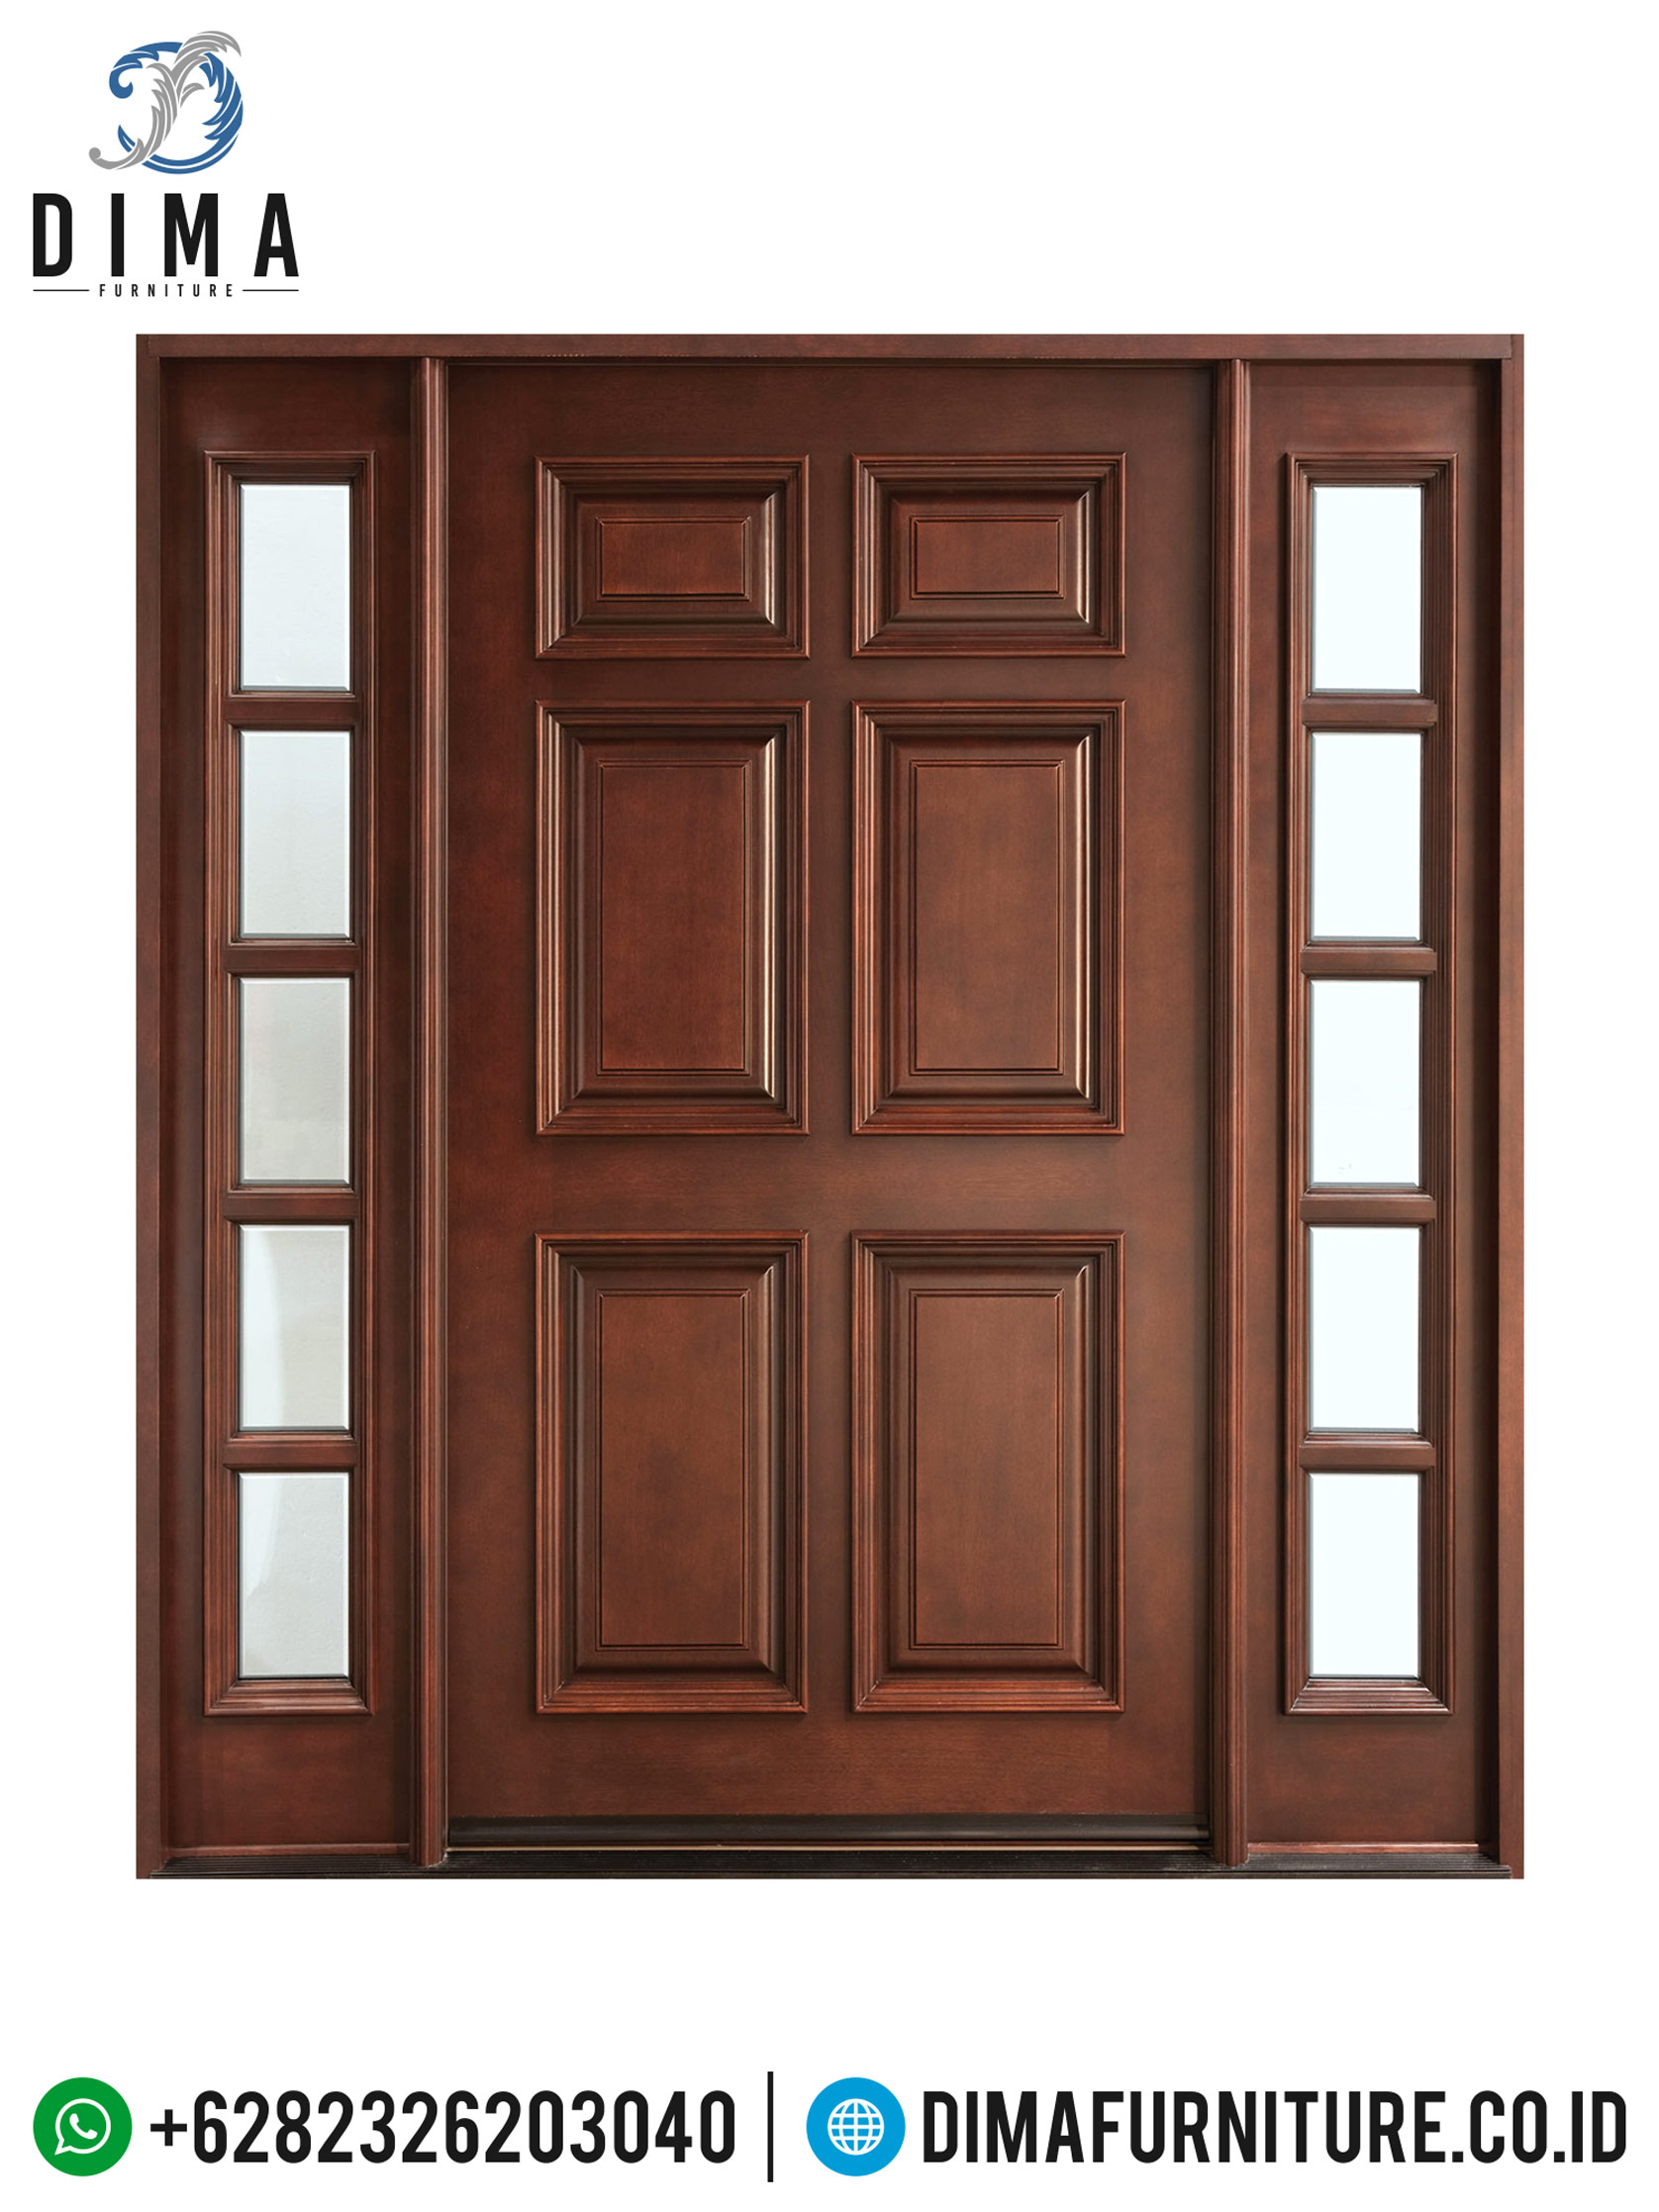 Pintu Rumah Minimalis, Kusen Pintu Rumah Utama, Pintu Jati Jepara DF-0700